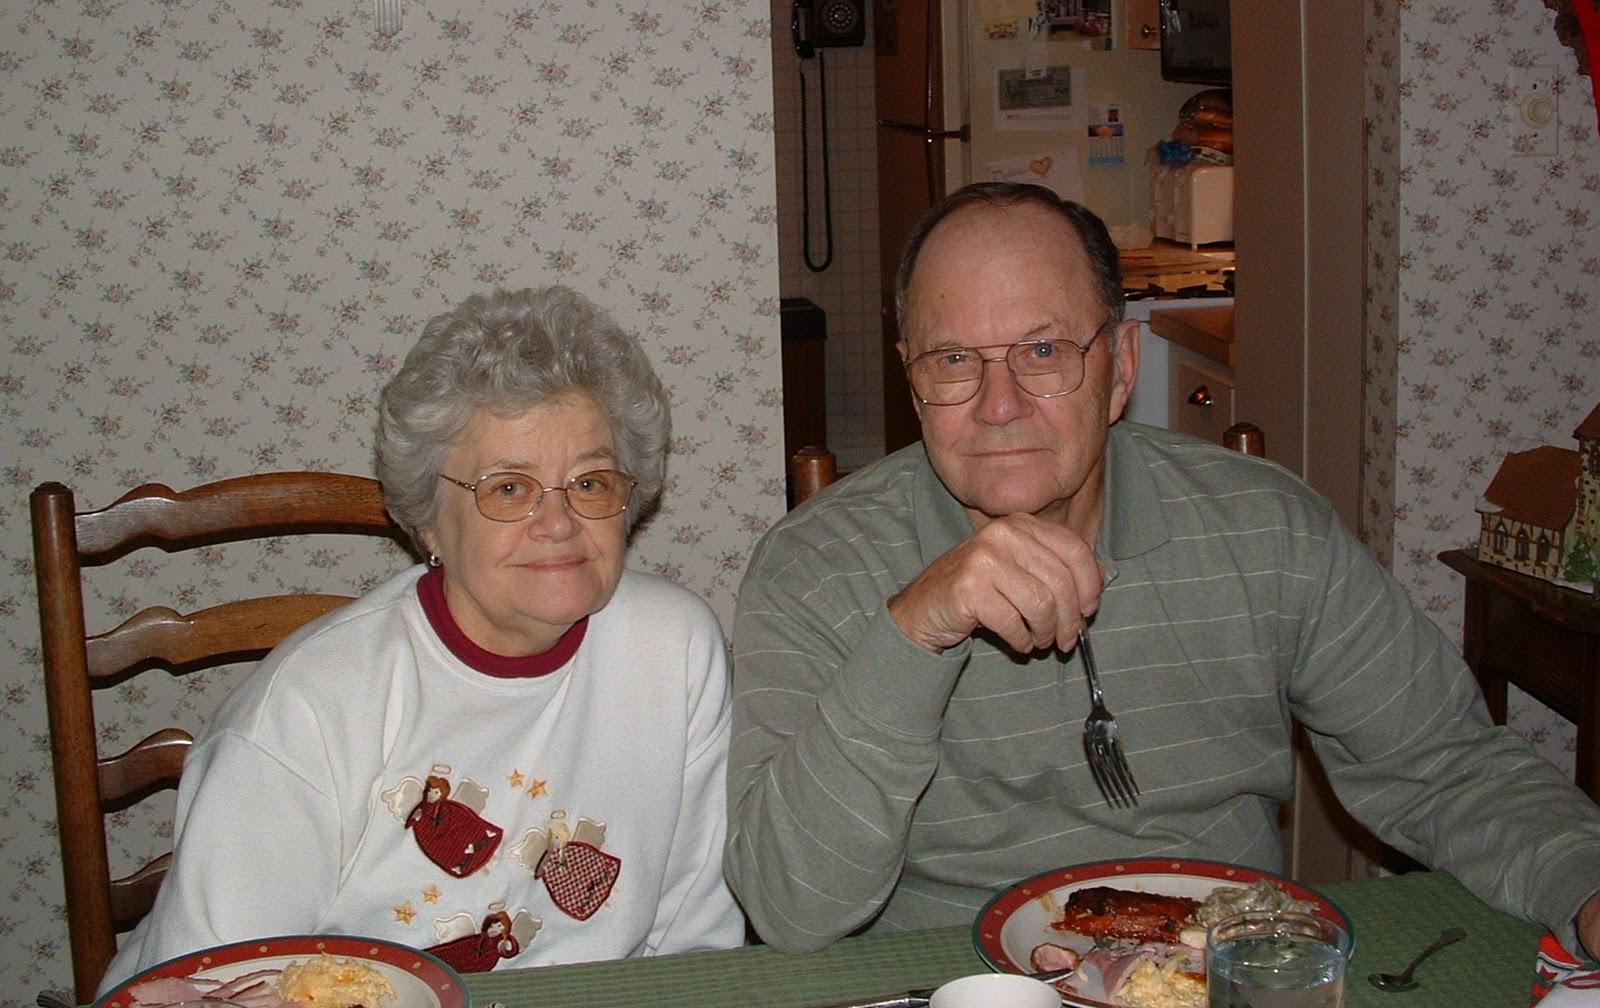 grandpa Grandma tube and